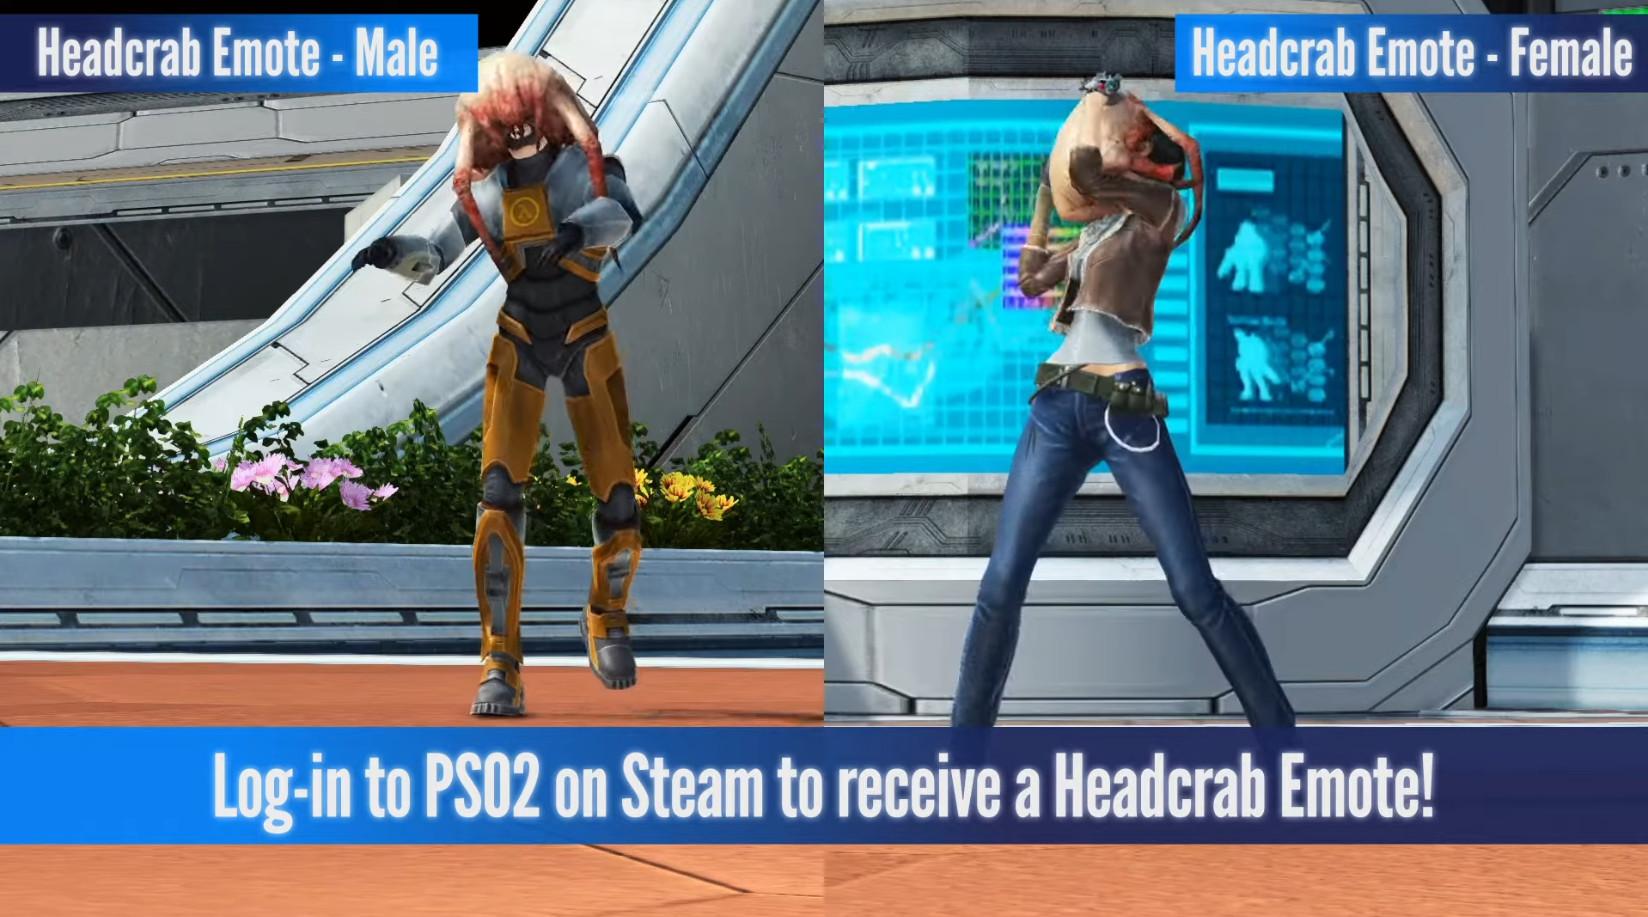 《梦幻之星OL2》将于8月5日登陆Steam 目前锁国区